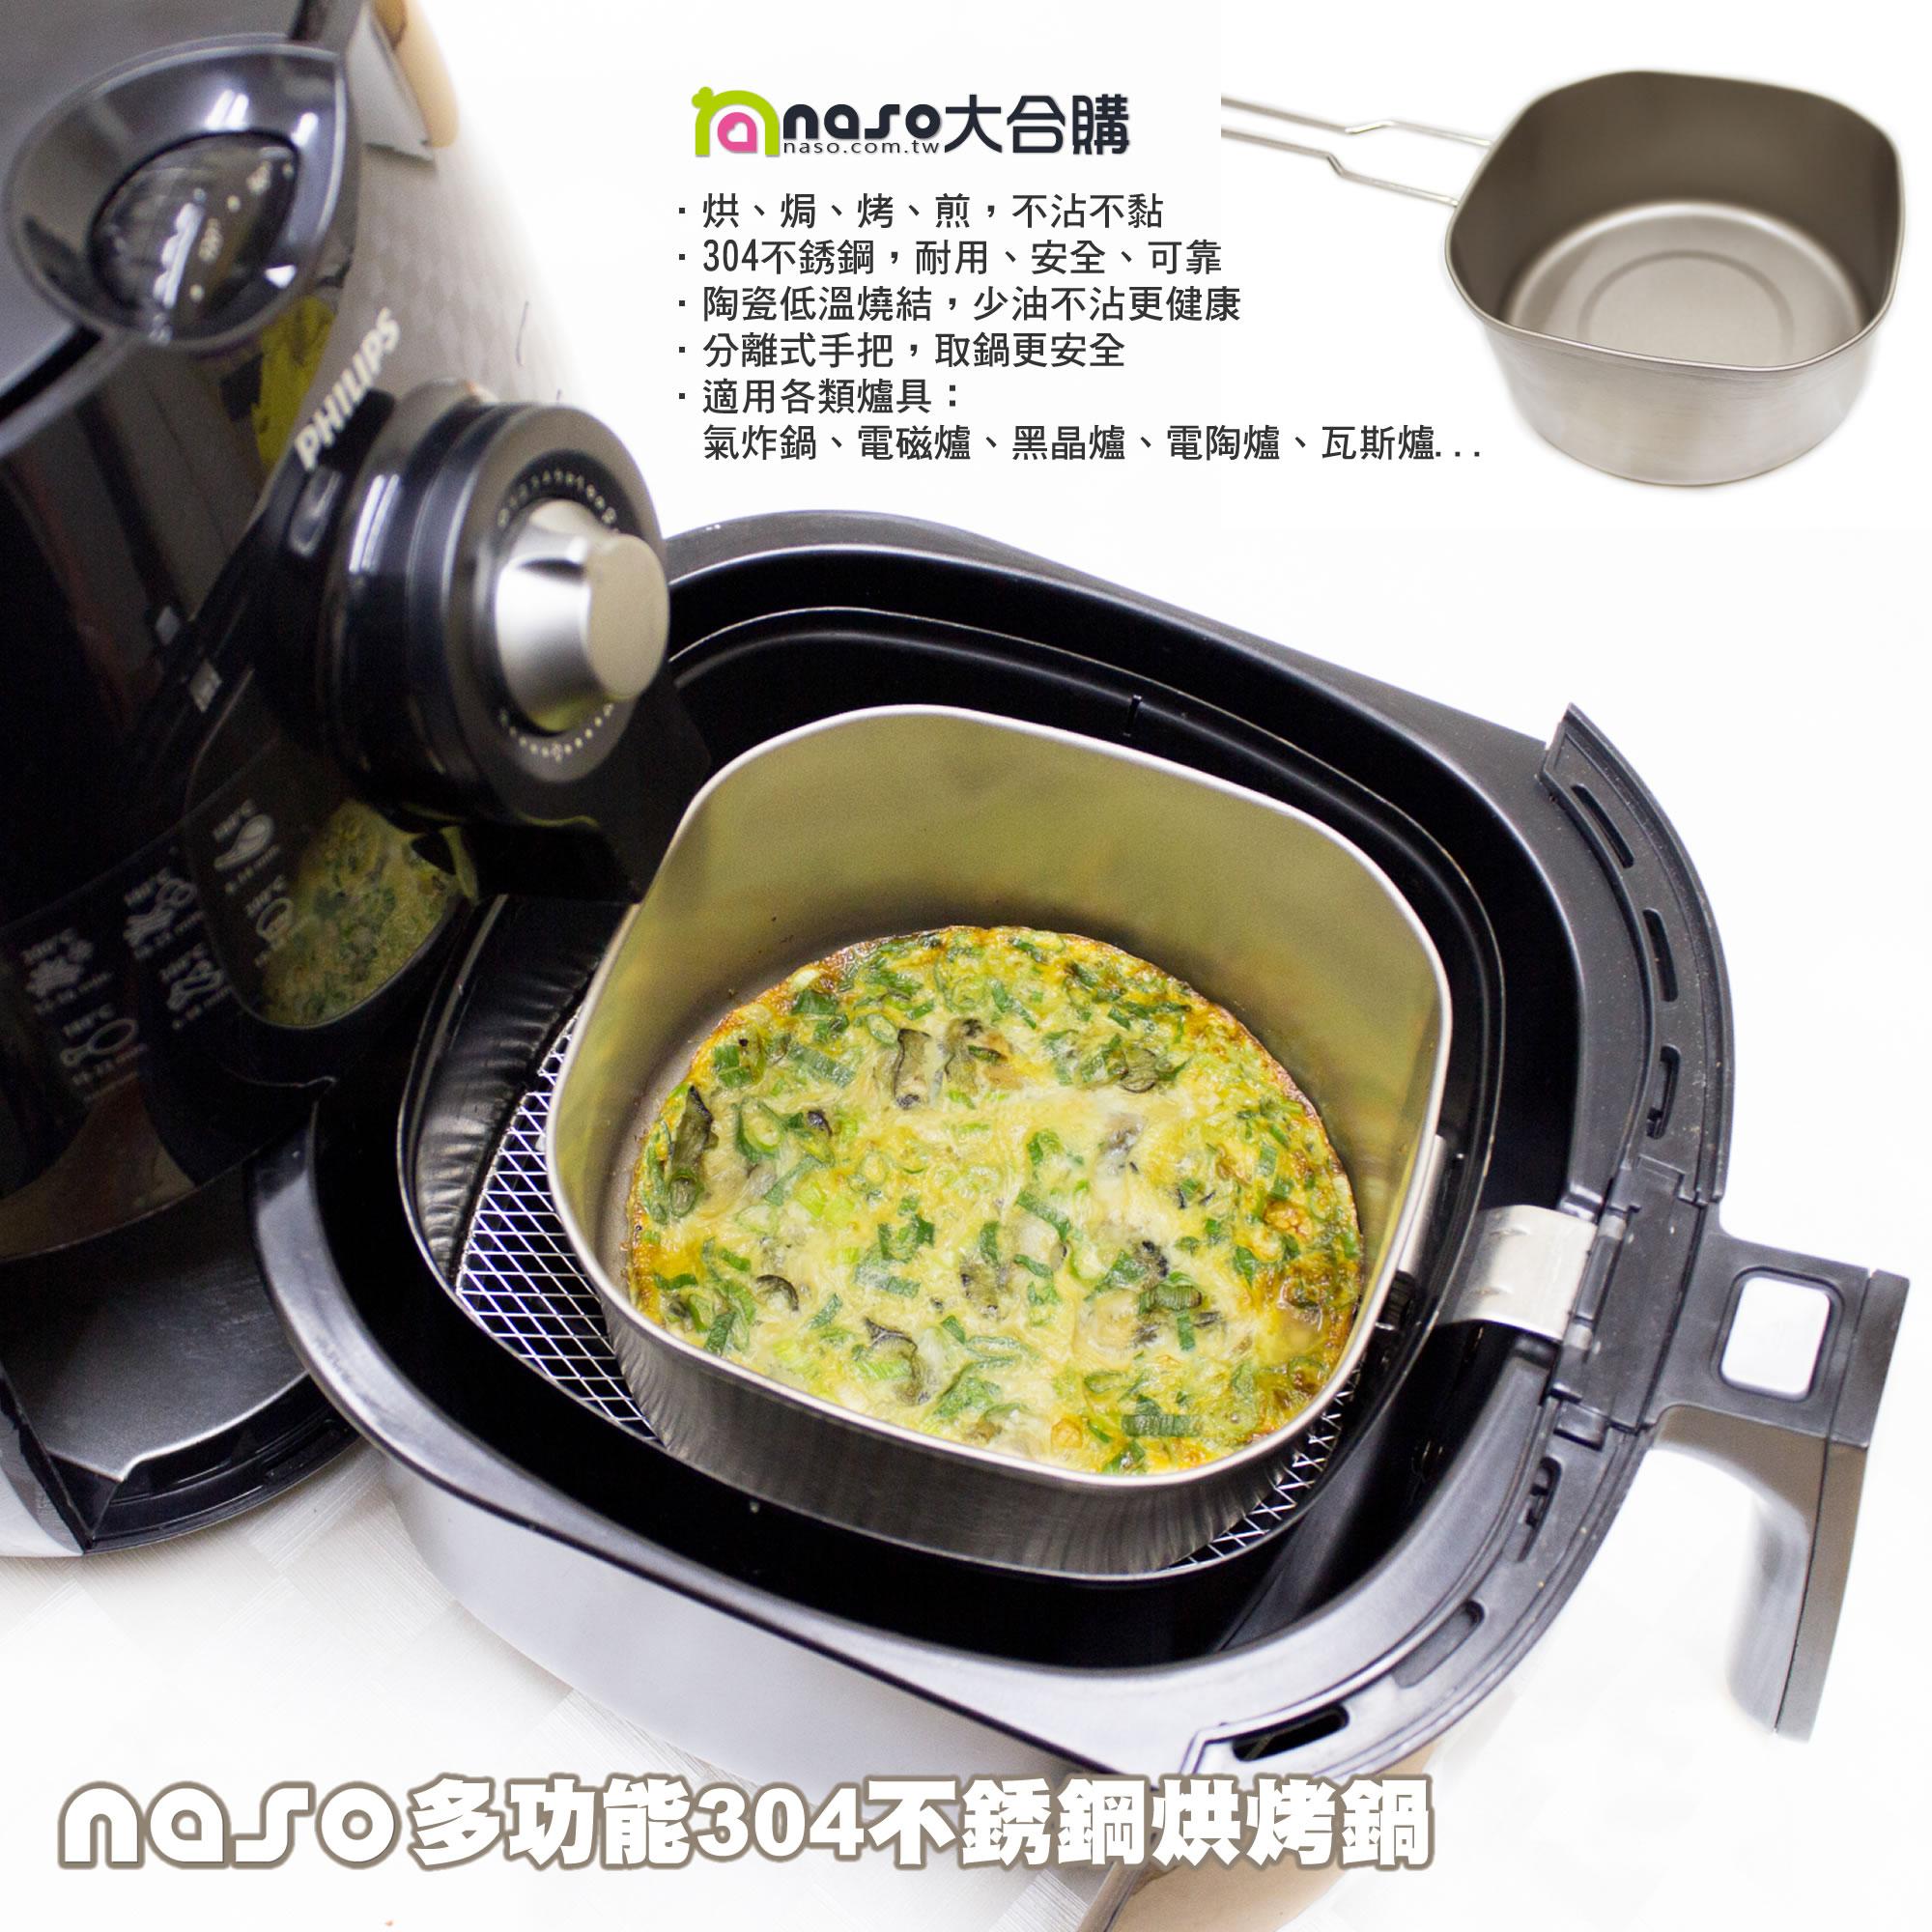 【年終感恩】naso多功能304不銹鋼烘烤鍋 好評第21團